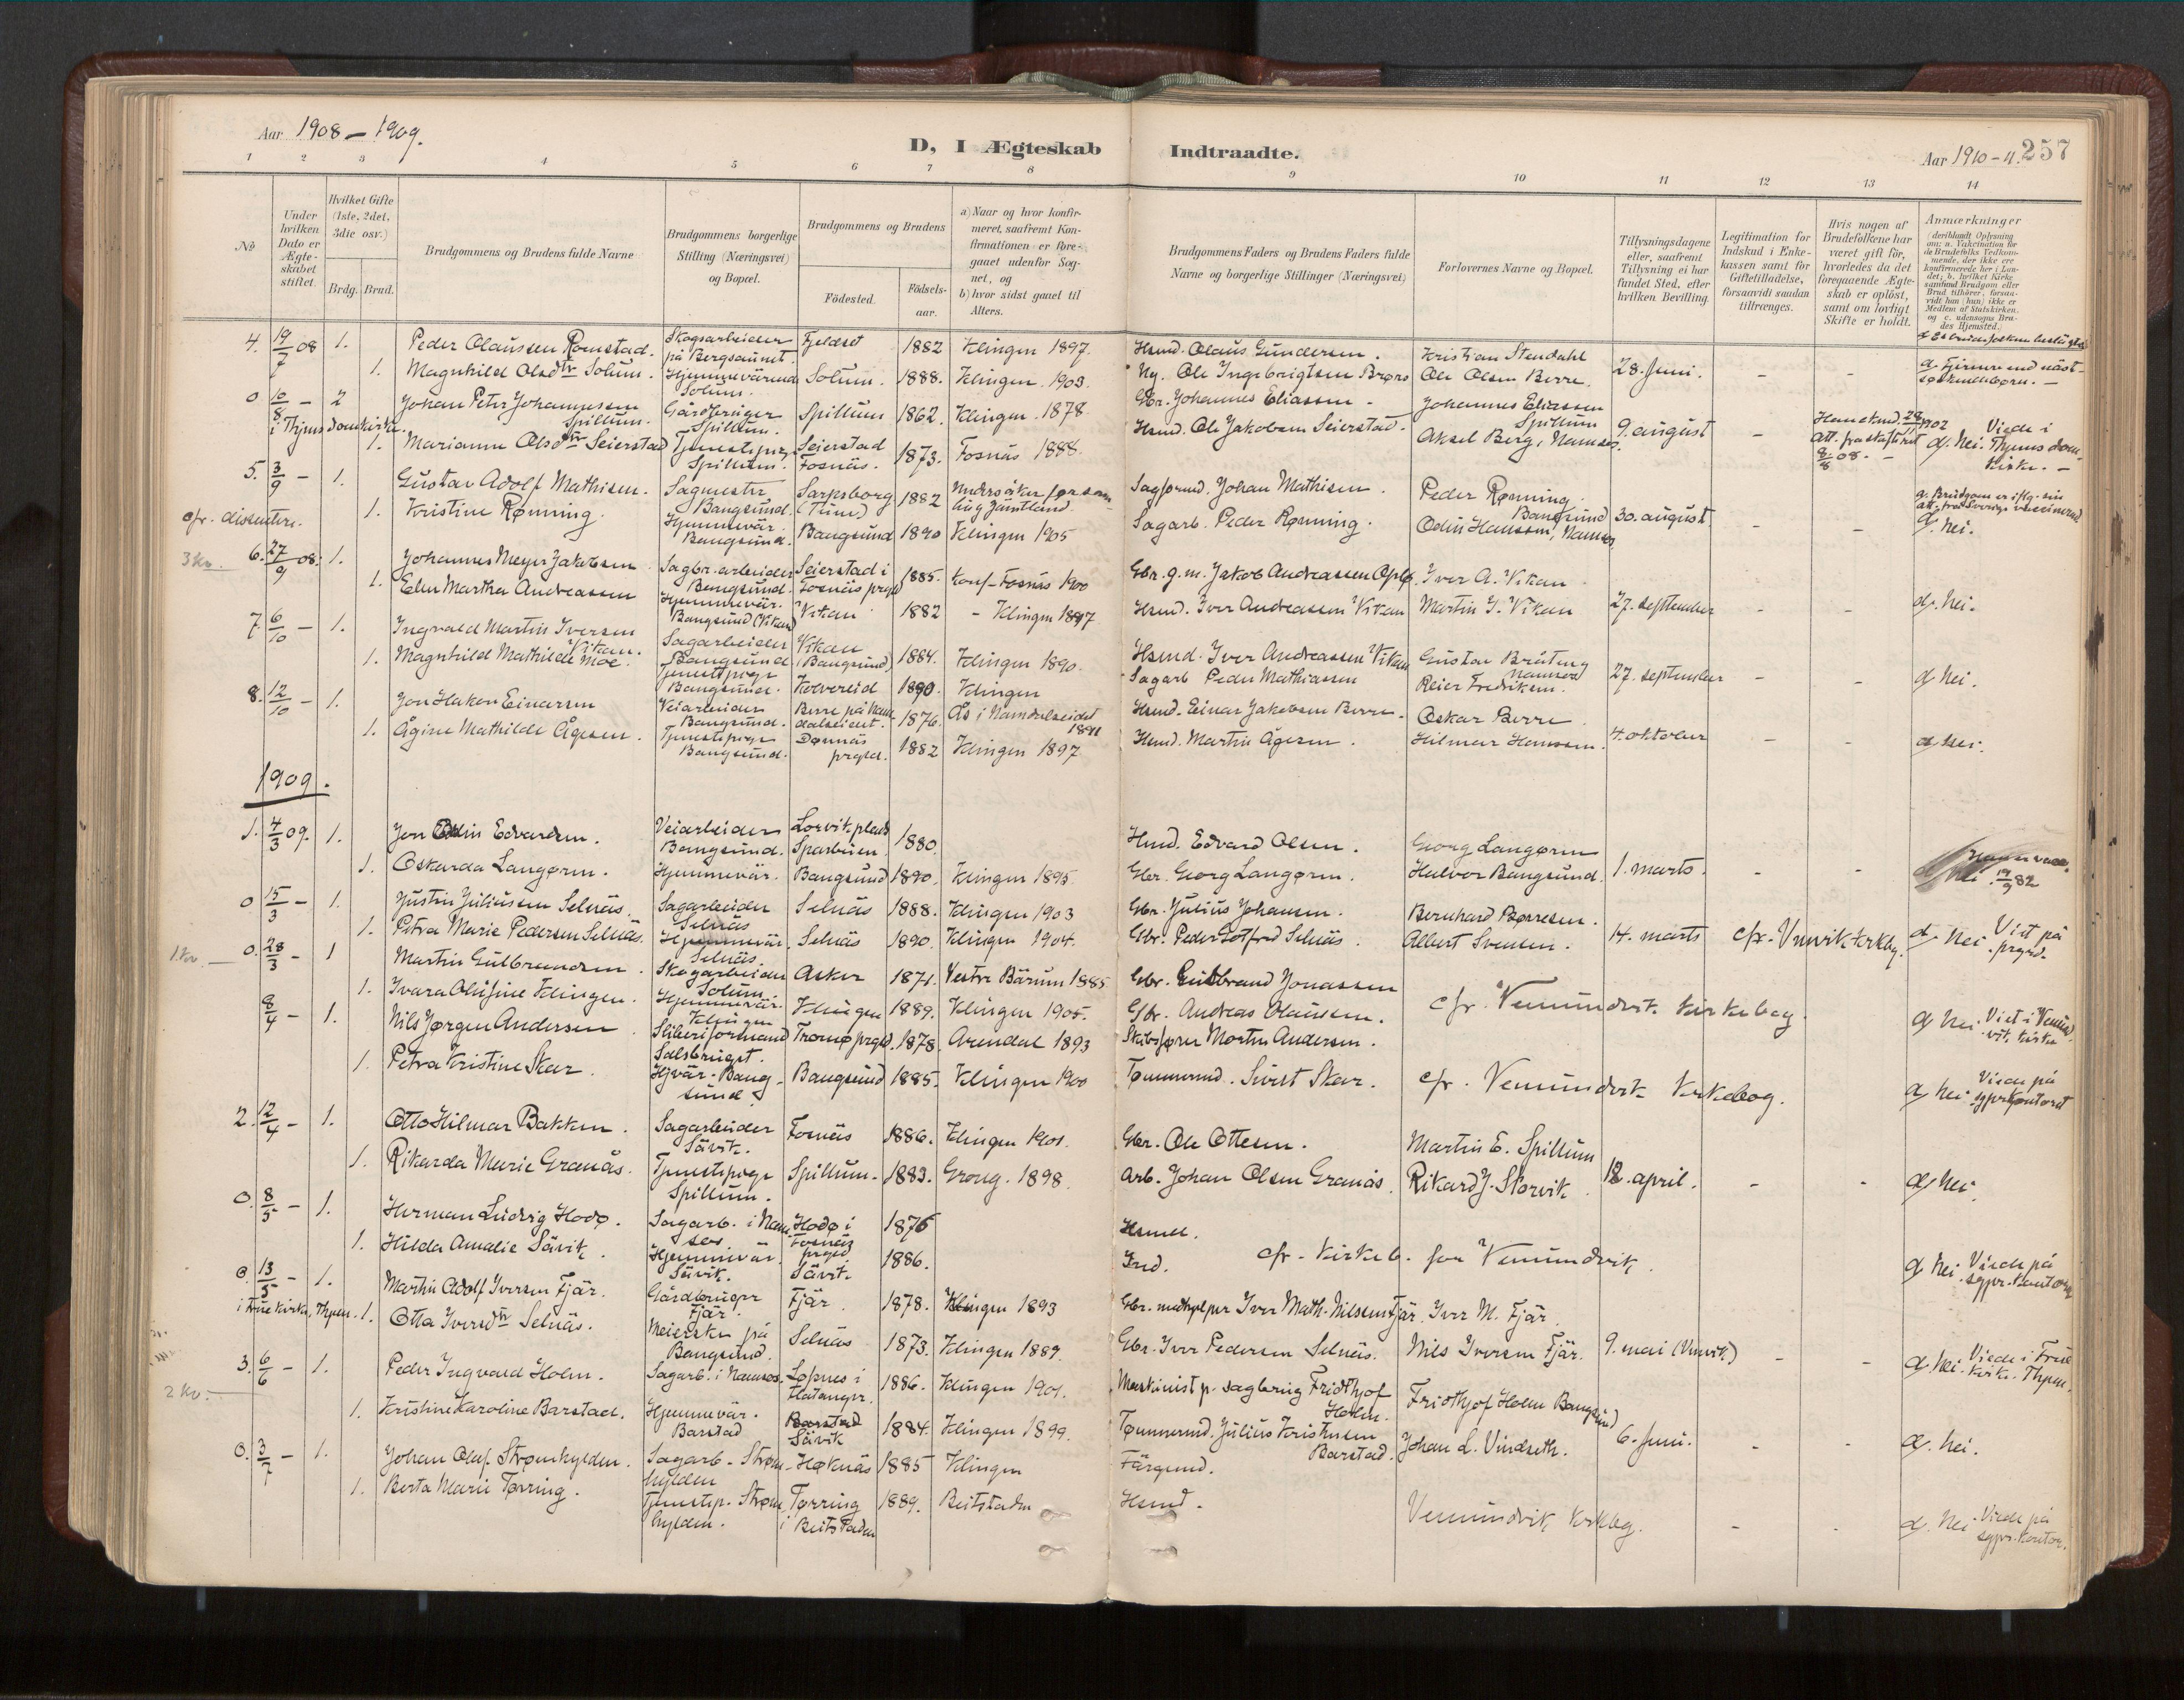 SAT, Ministerialprotokoller, klokkerbøker og fødselsregistre - Nord-Trøndelag, 770/L0589: Ministerialbok nr. 770A03, 1887-1929, s. 257